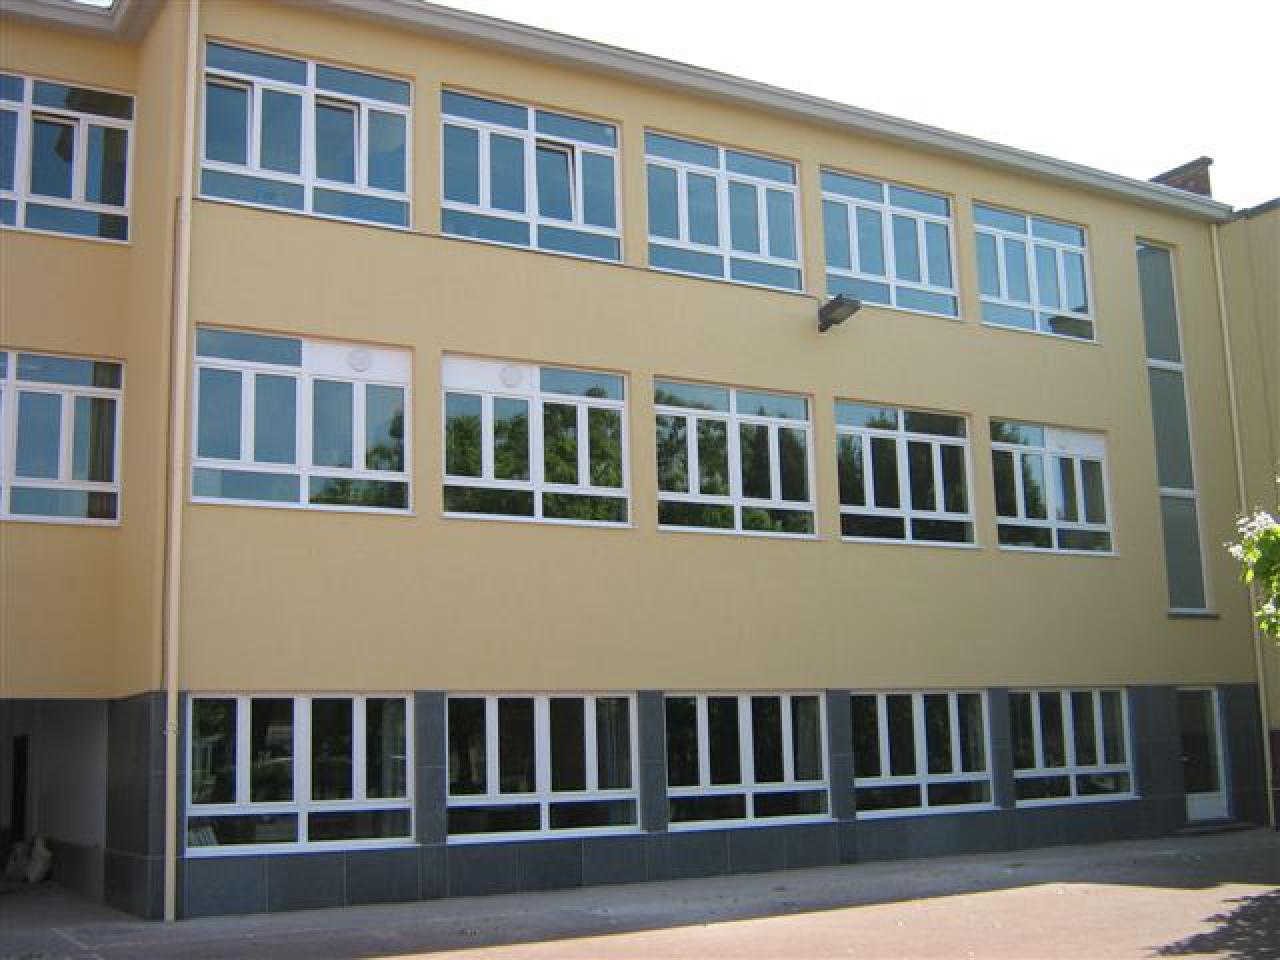 Rénovation des façades d'un bâtiment scolaire